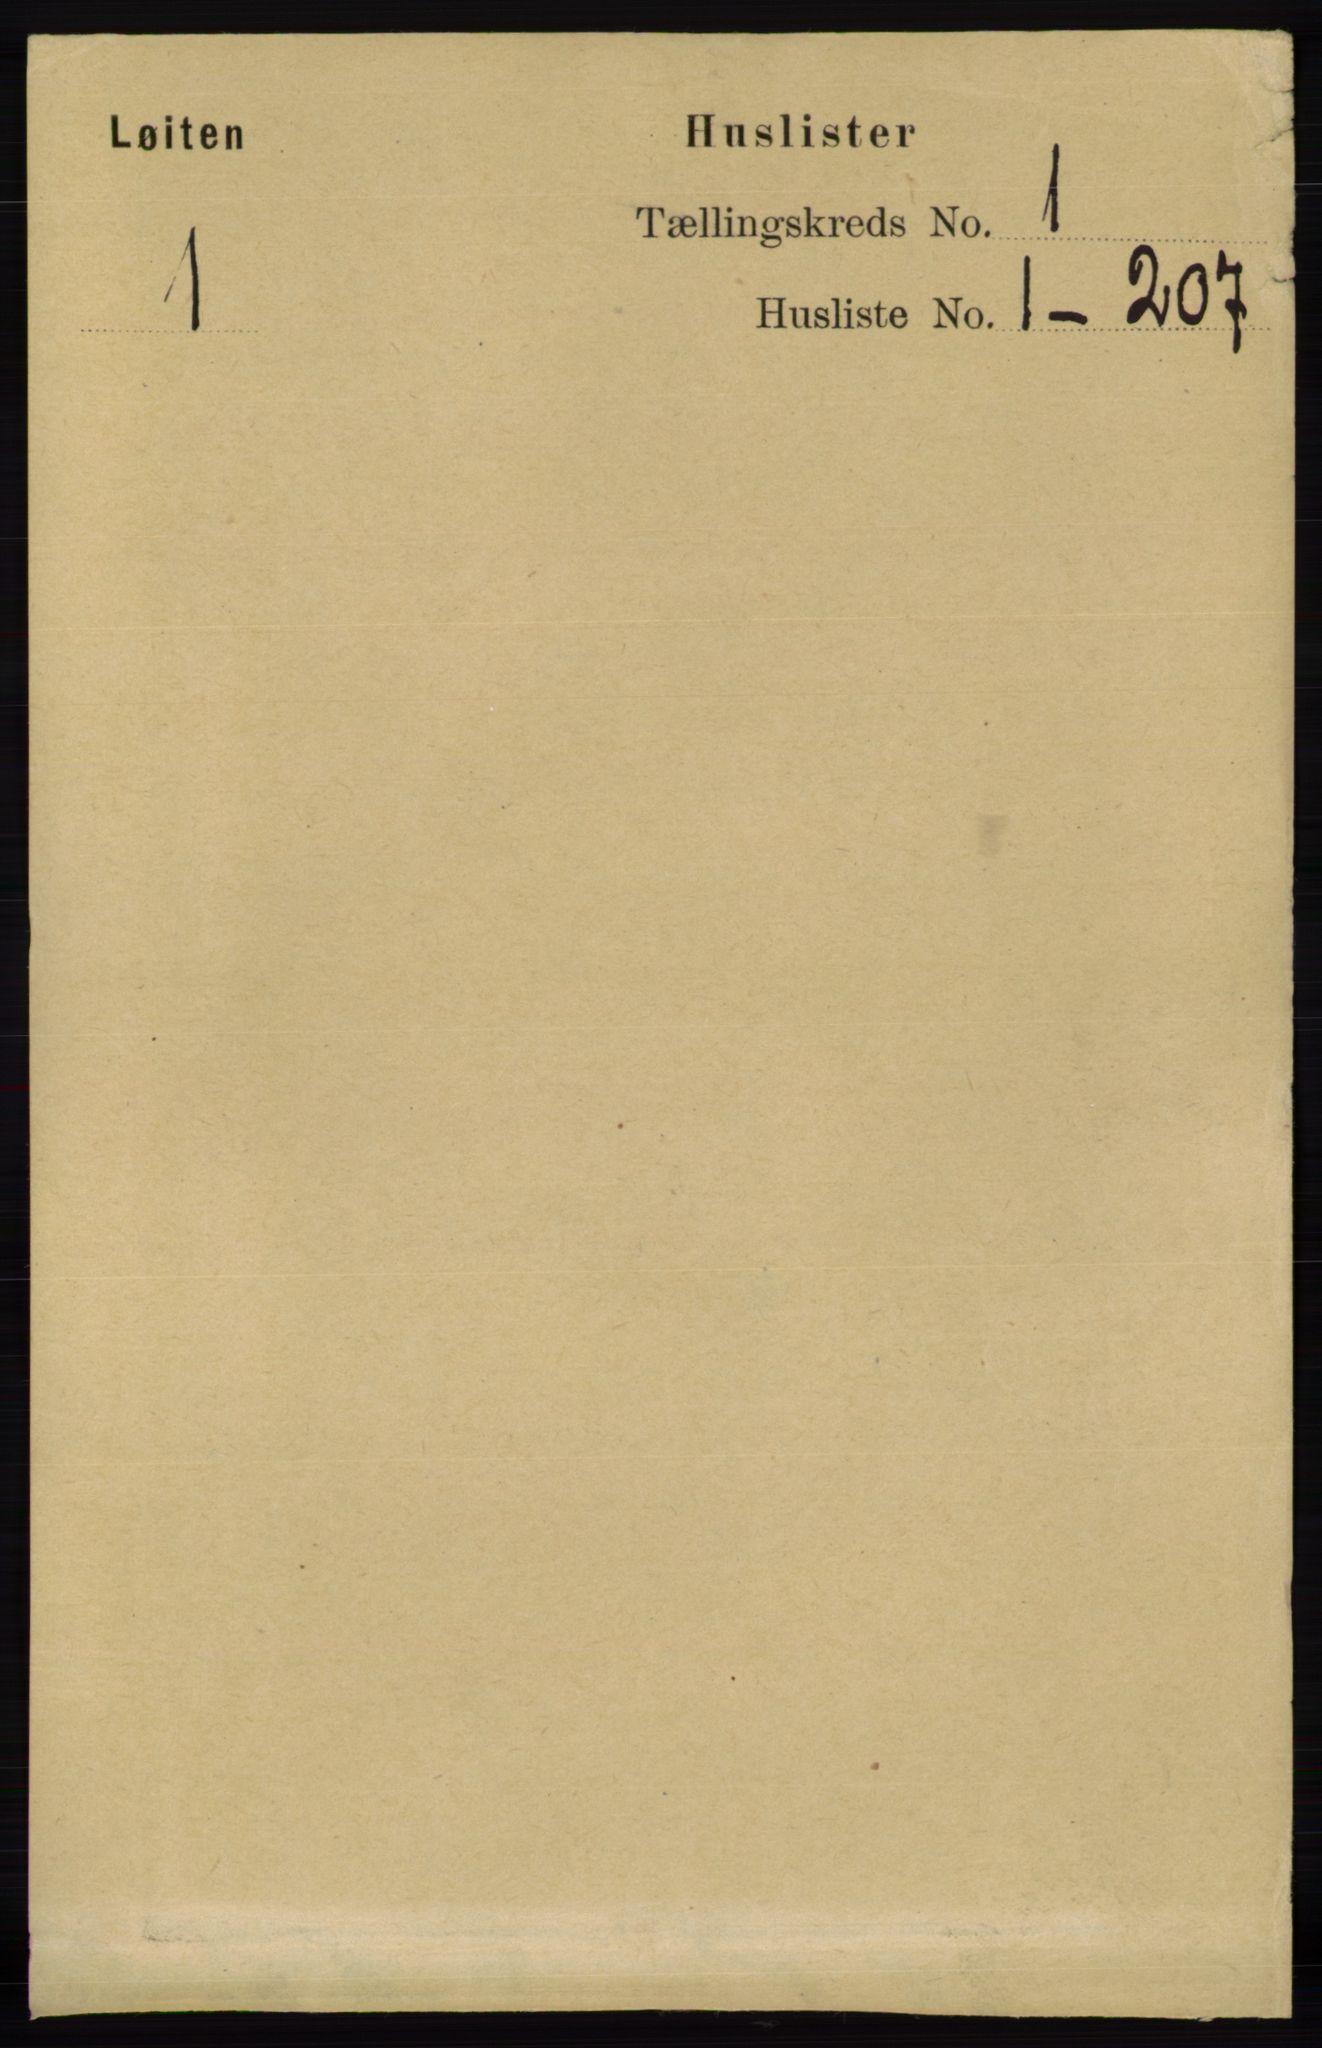 RA, Folketelling 1891 for 0415 Løten herred, 1891, s. 39